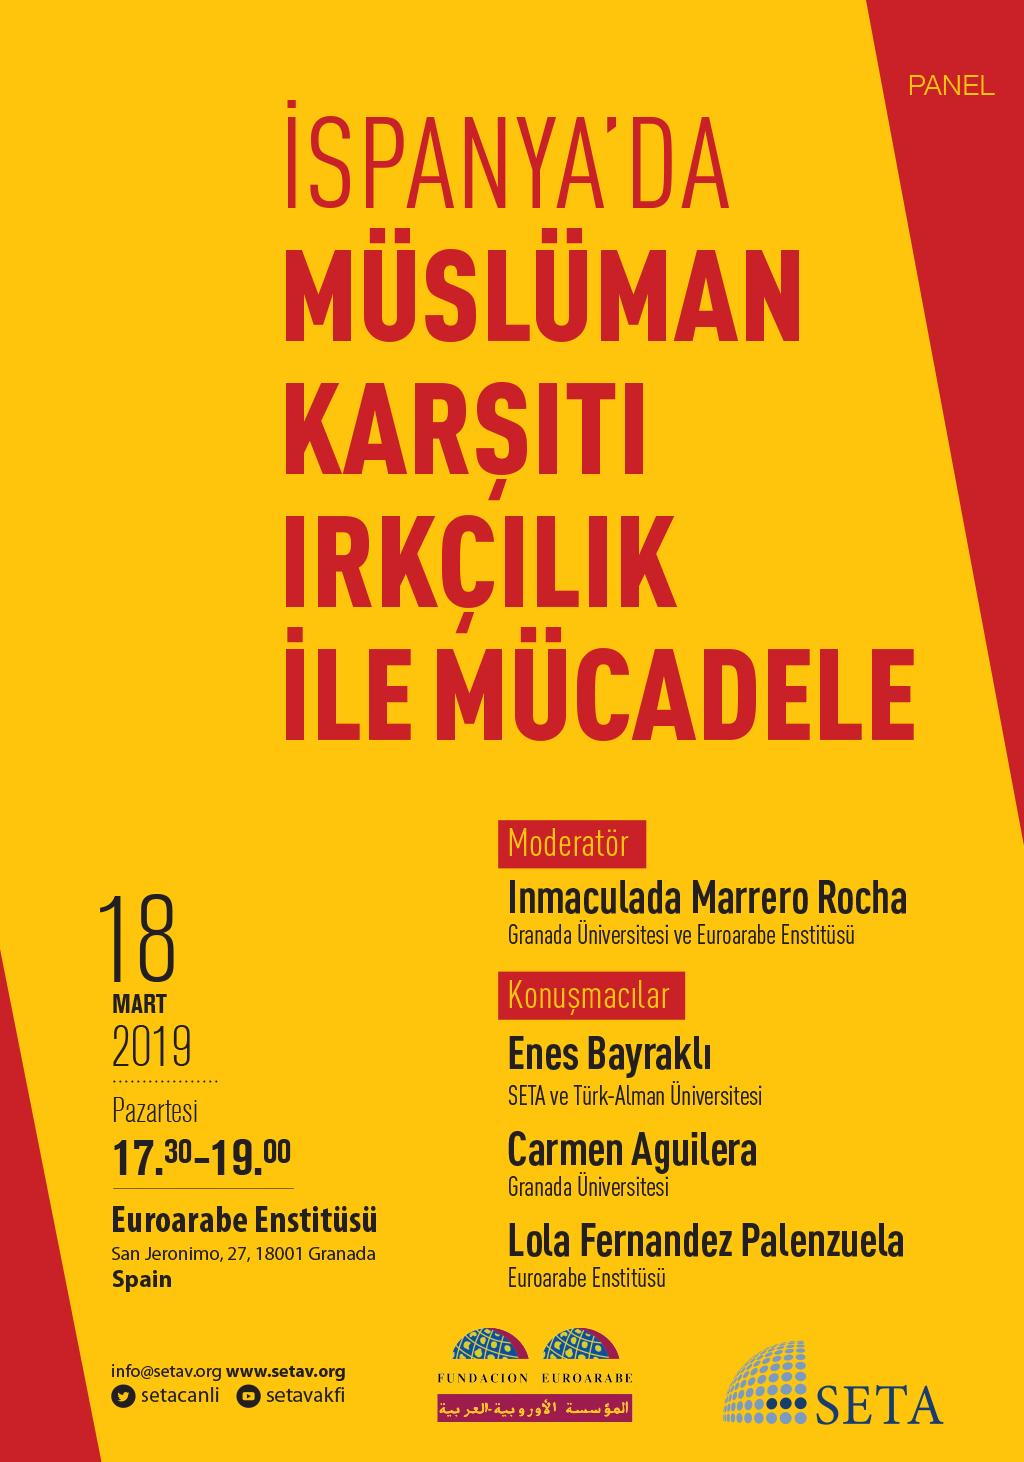 Panel: İspanya'da Müslüman Karşıtı Irkçılık ile Mücadele